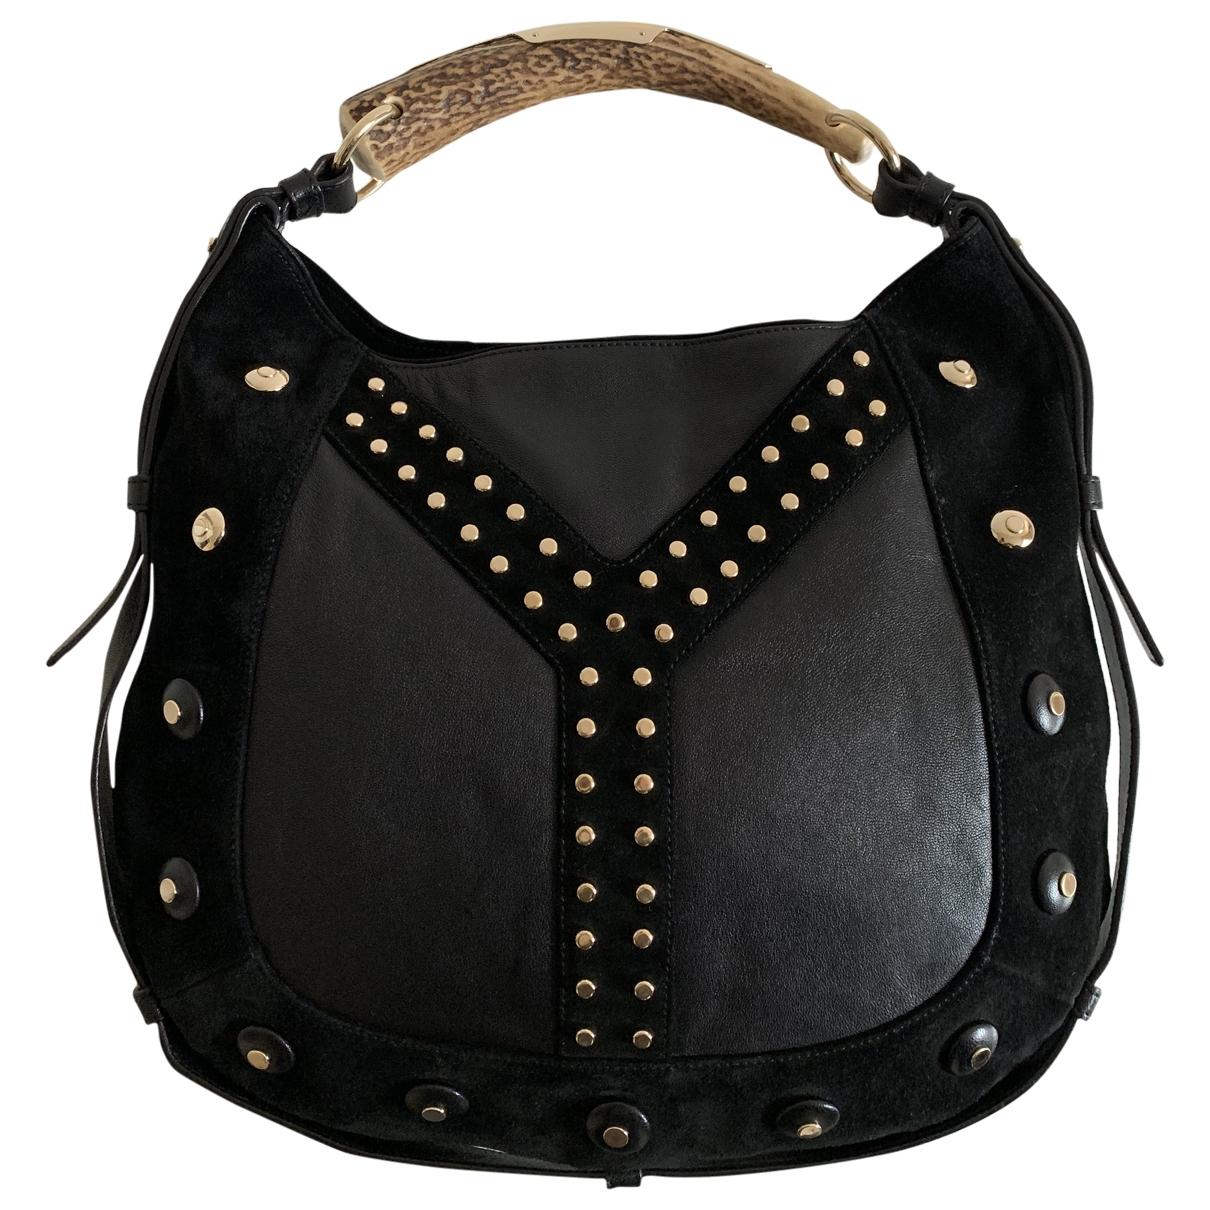 Yves Saint Laurent Mombasa Handtasche in  Schwarz Leder